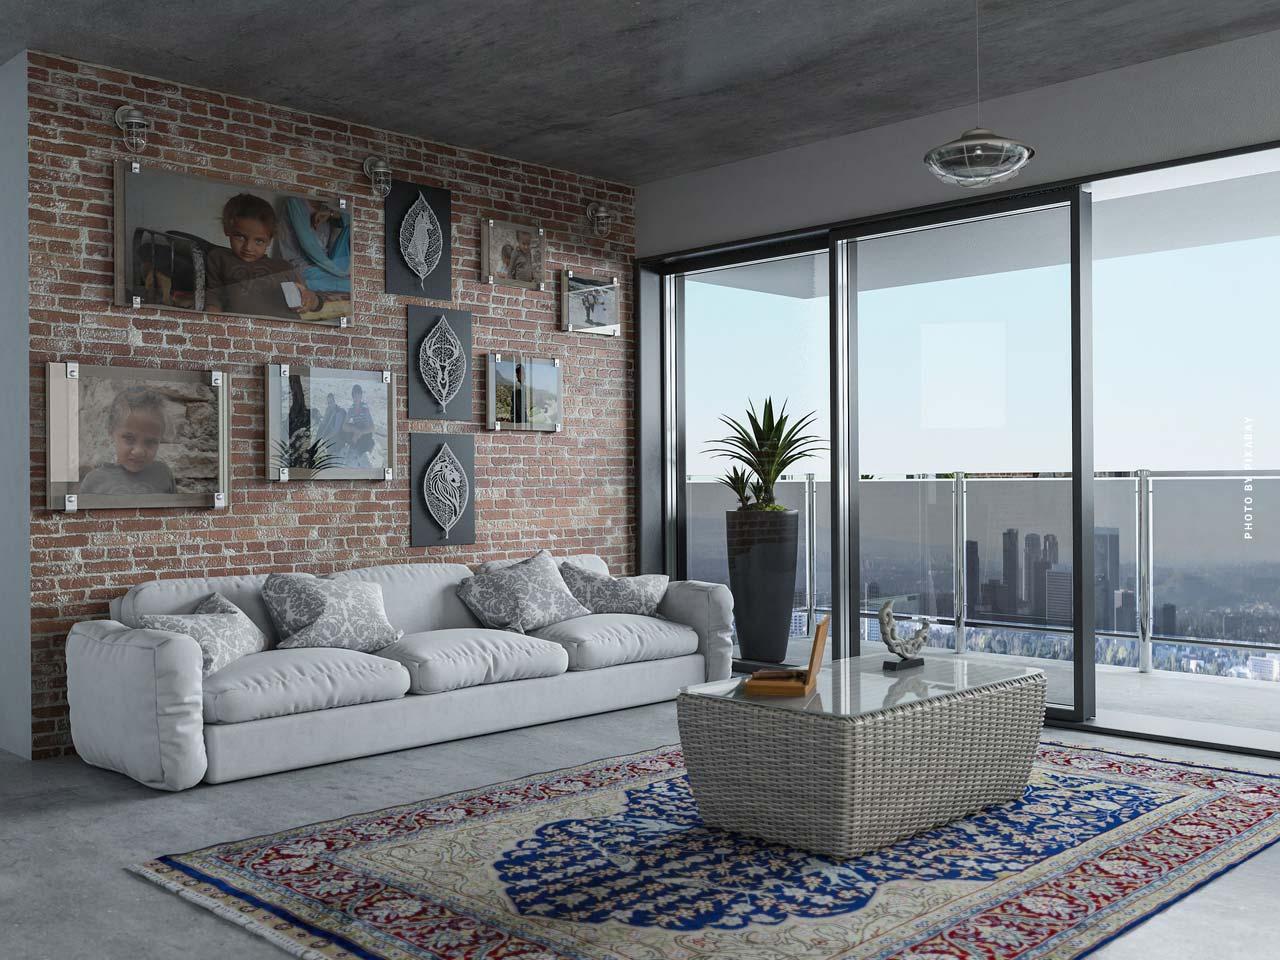 Fendi Casa - meubles, lampes et accessoires de la marque de luxe italienne